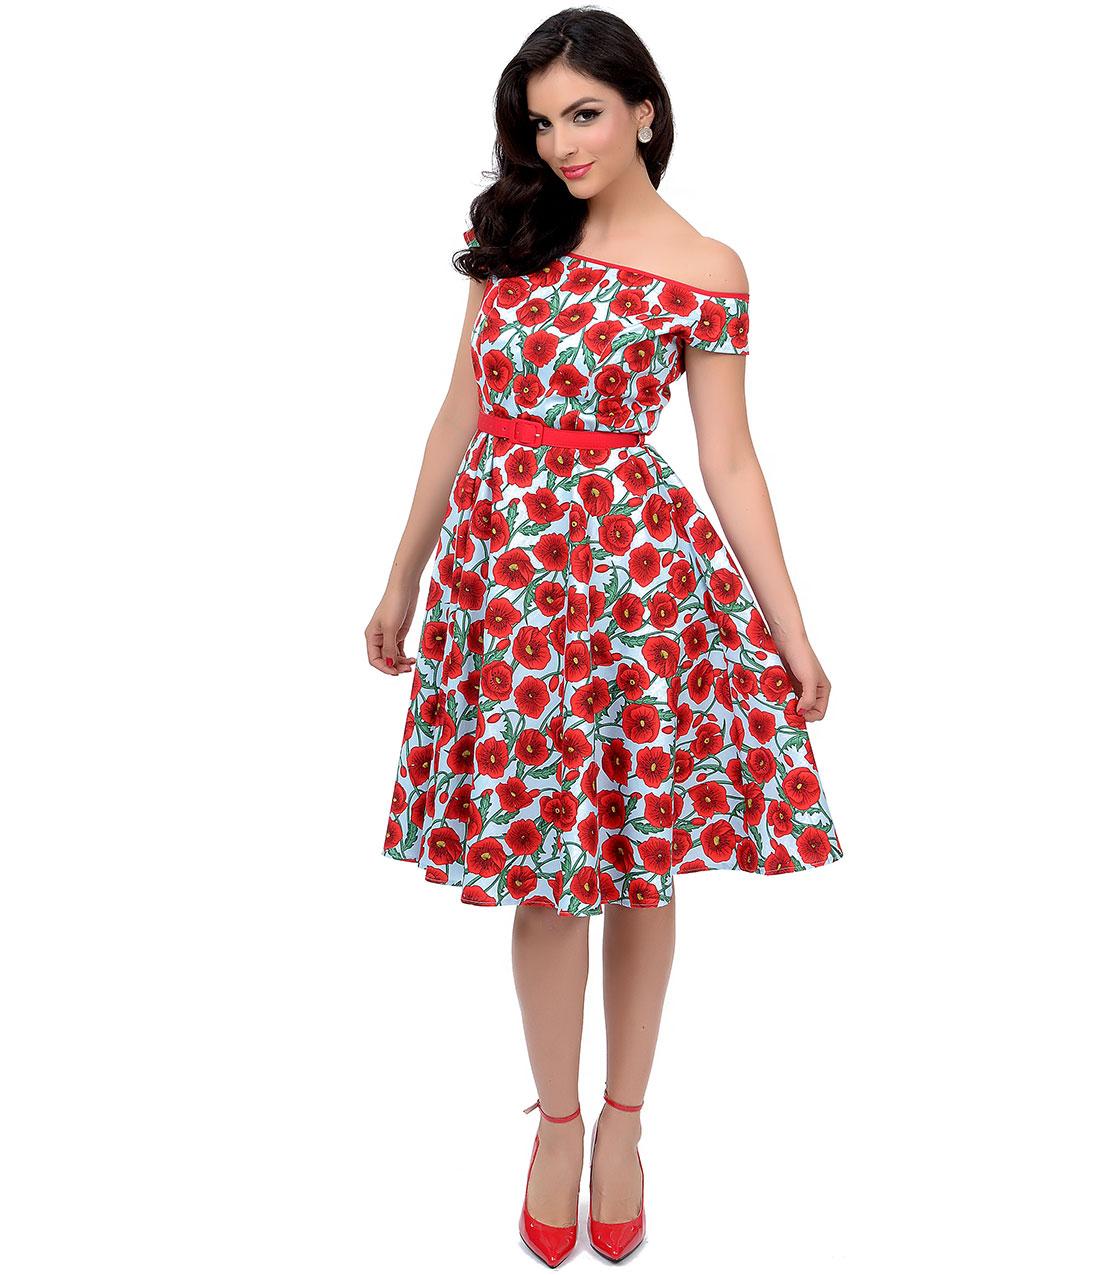 На фото: яркое с цветочным принтом платье цветок с юбкой - полусонцем.